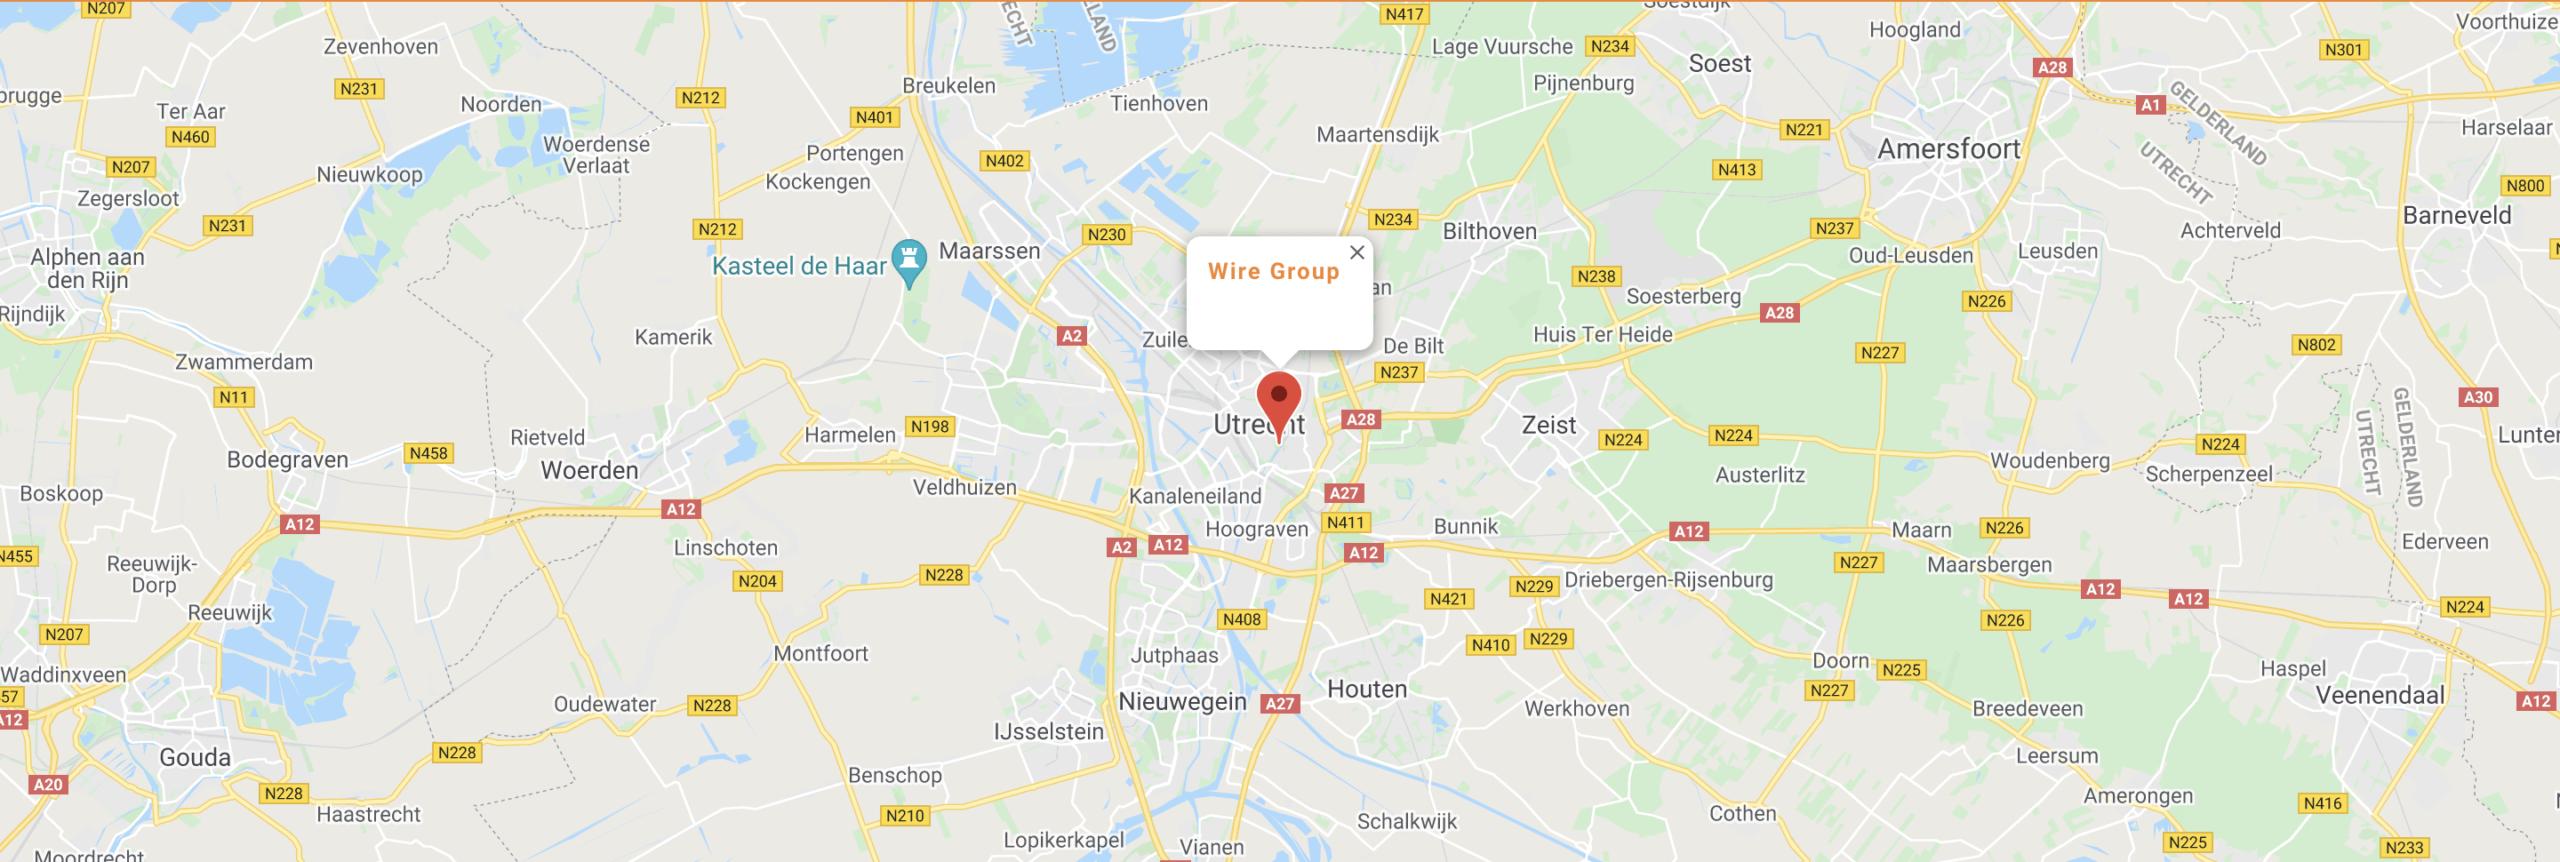 Wire-group-locatie